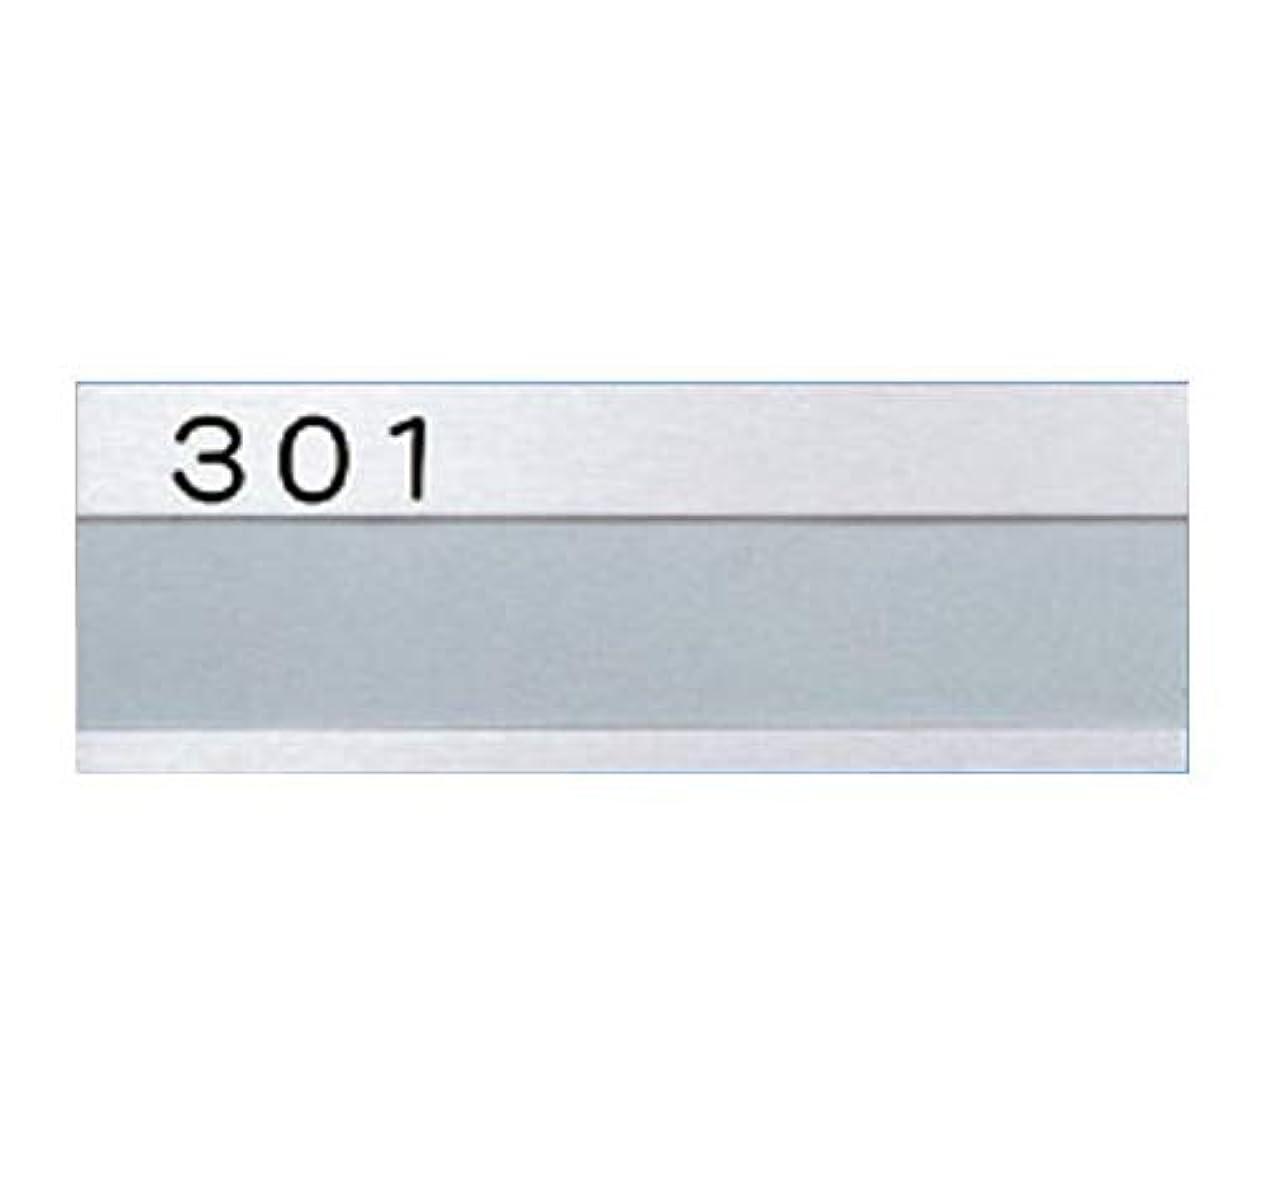 消防士不器用屈辱する新協和 室名札 SK-602W-1(棟?戸番号付) シルバー H74xW210 アルミ製